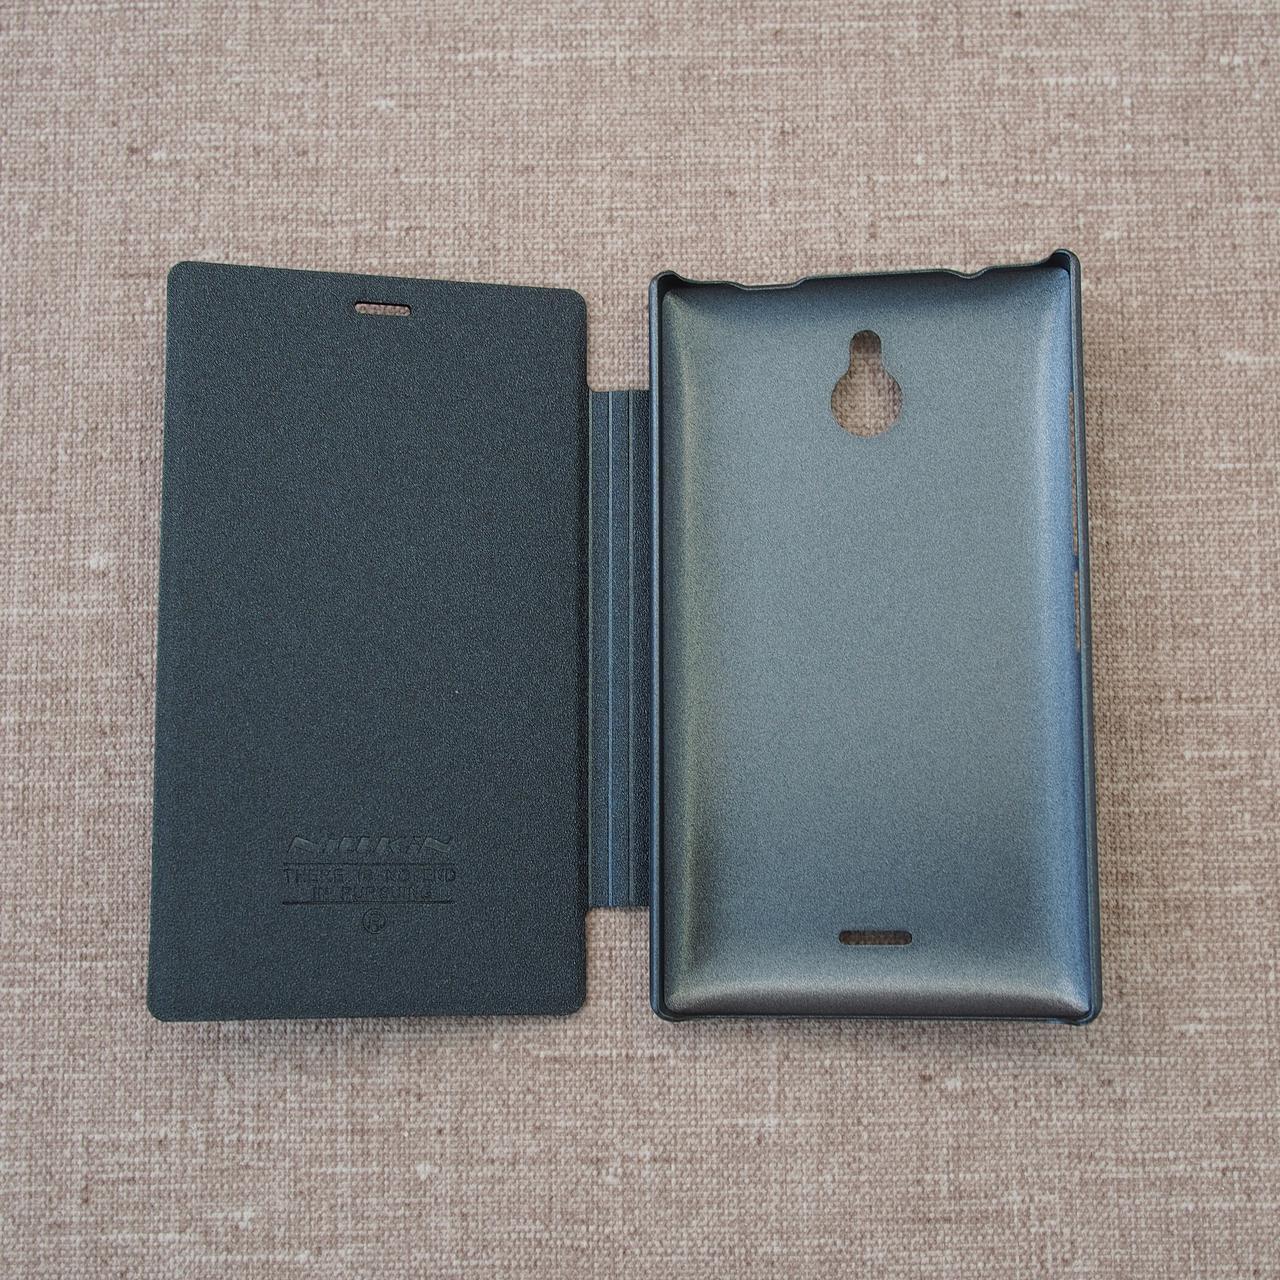 Чехлы для Nokia Nillkin Sparkle X2 black